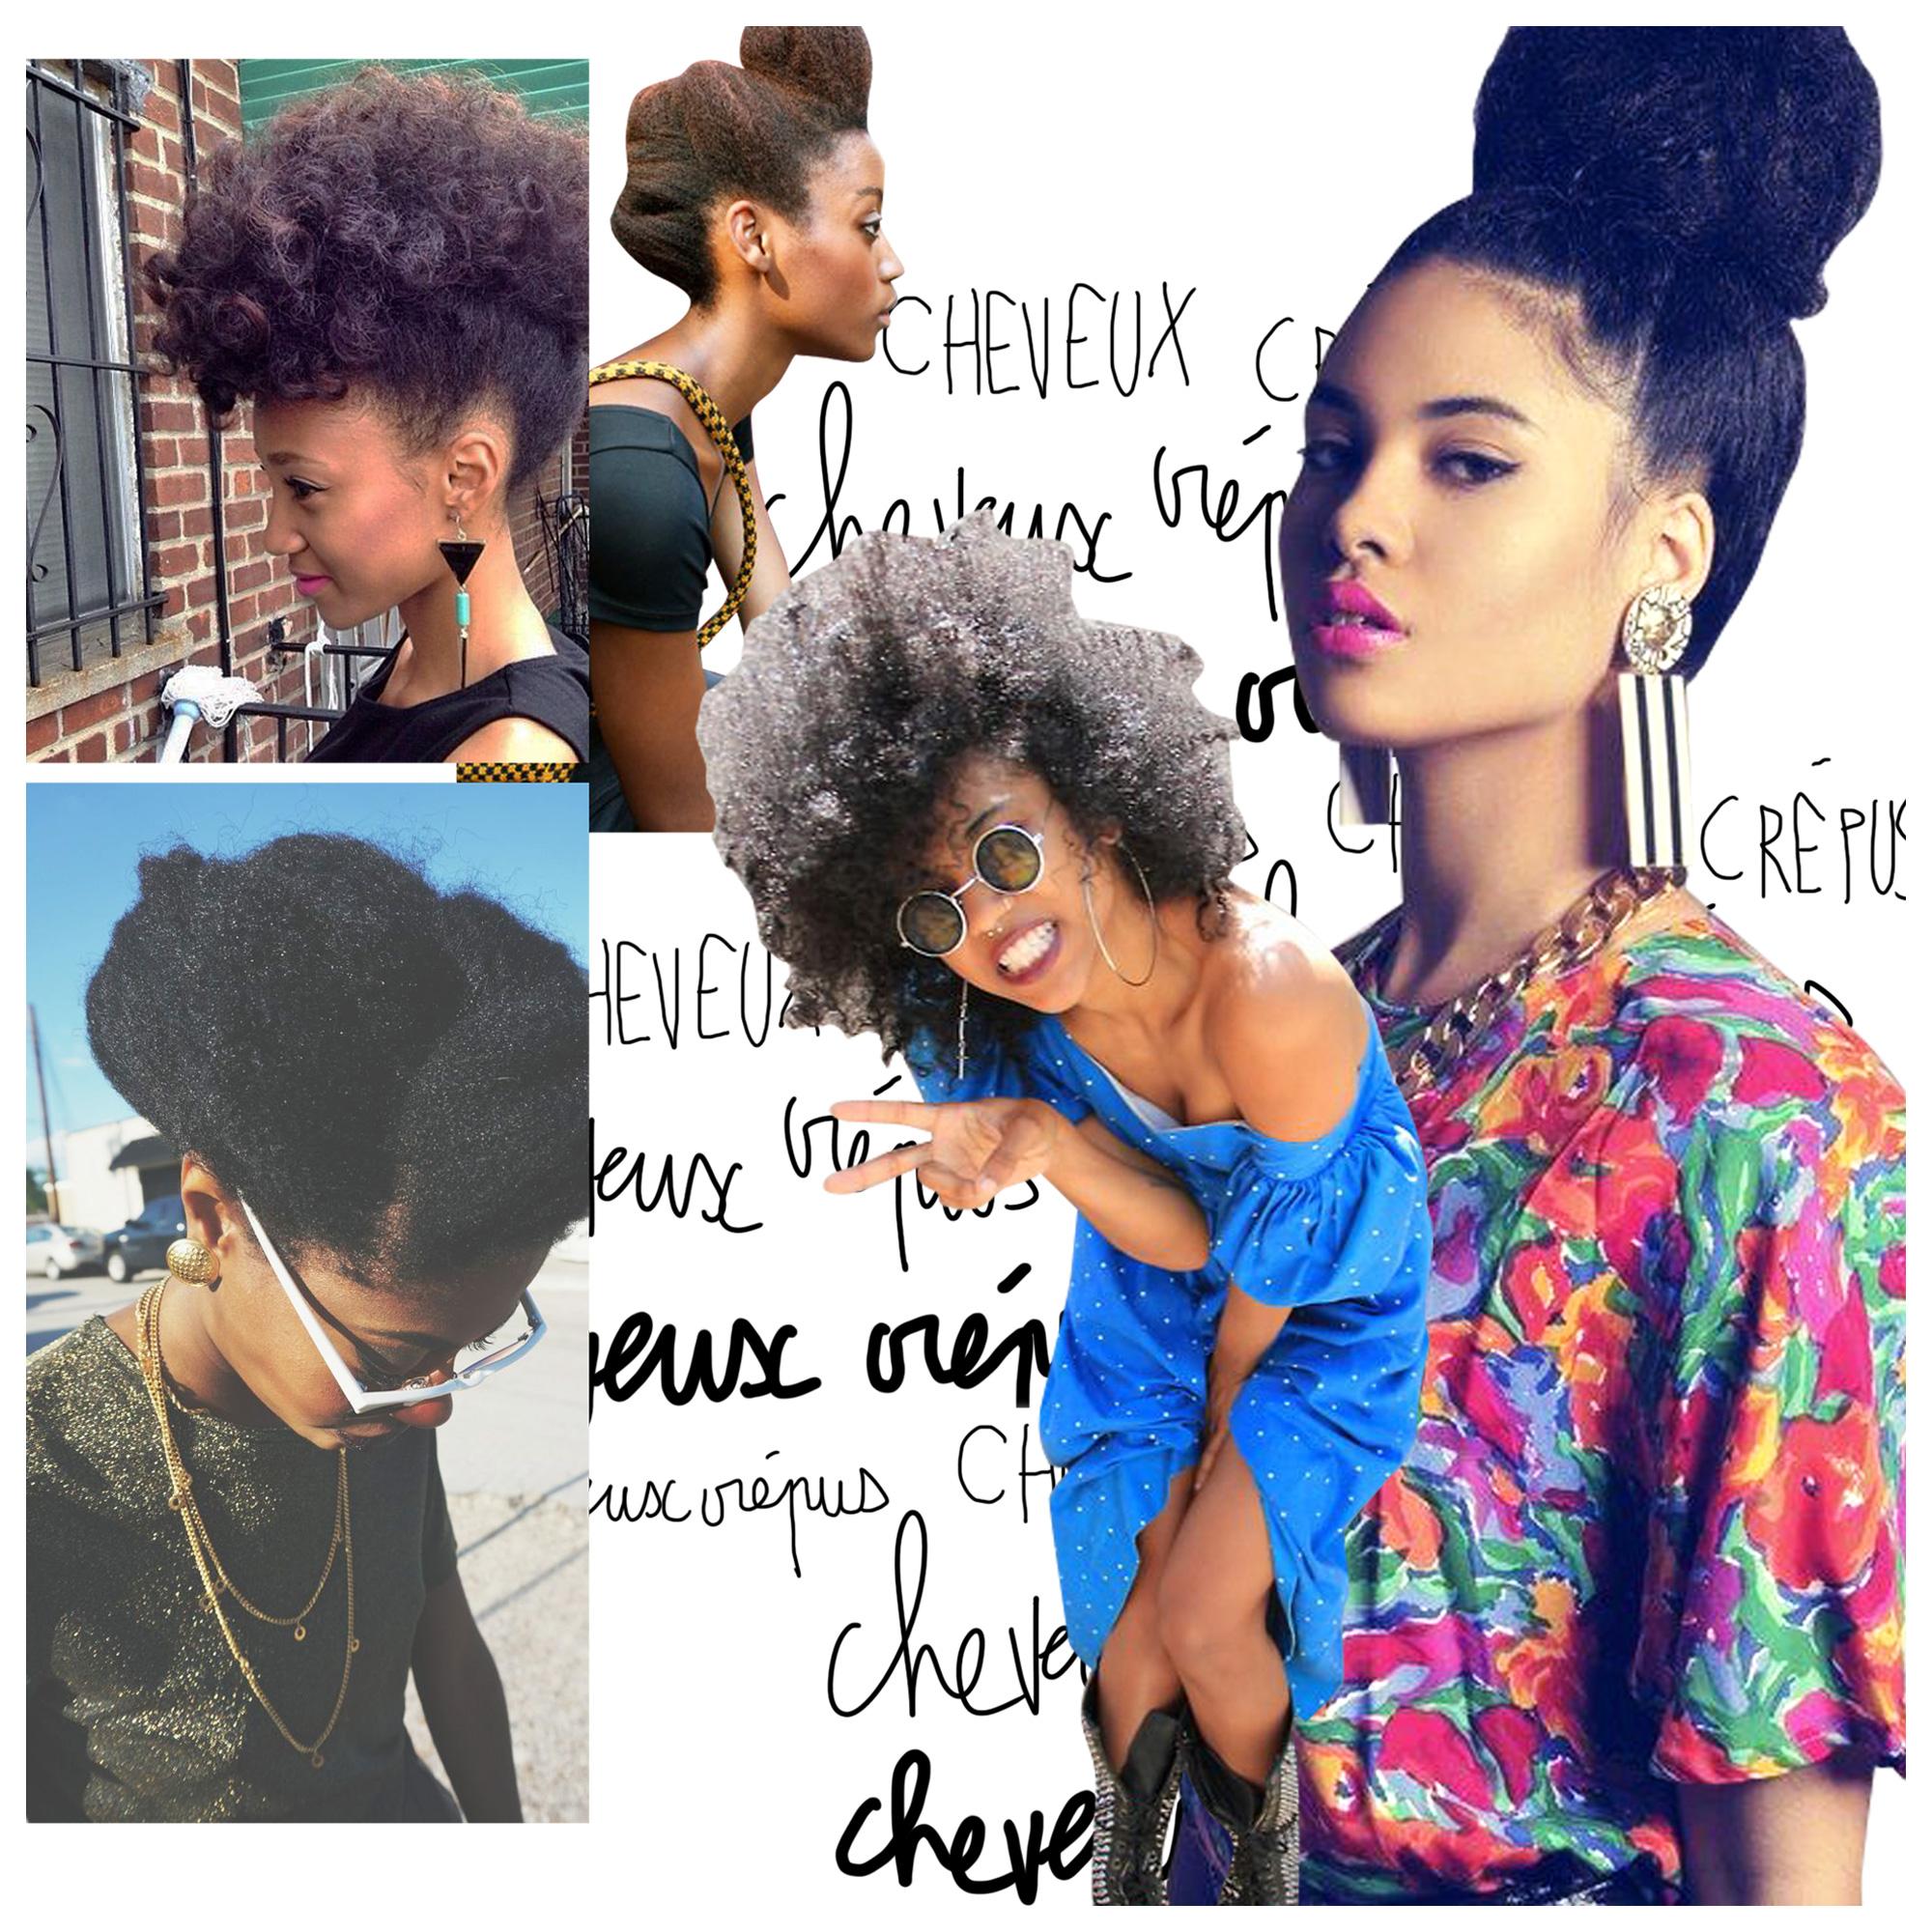 Cheveux Crepus 20 Idees De Coiffures Pour Cheveux Crepus Elle